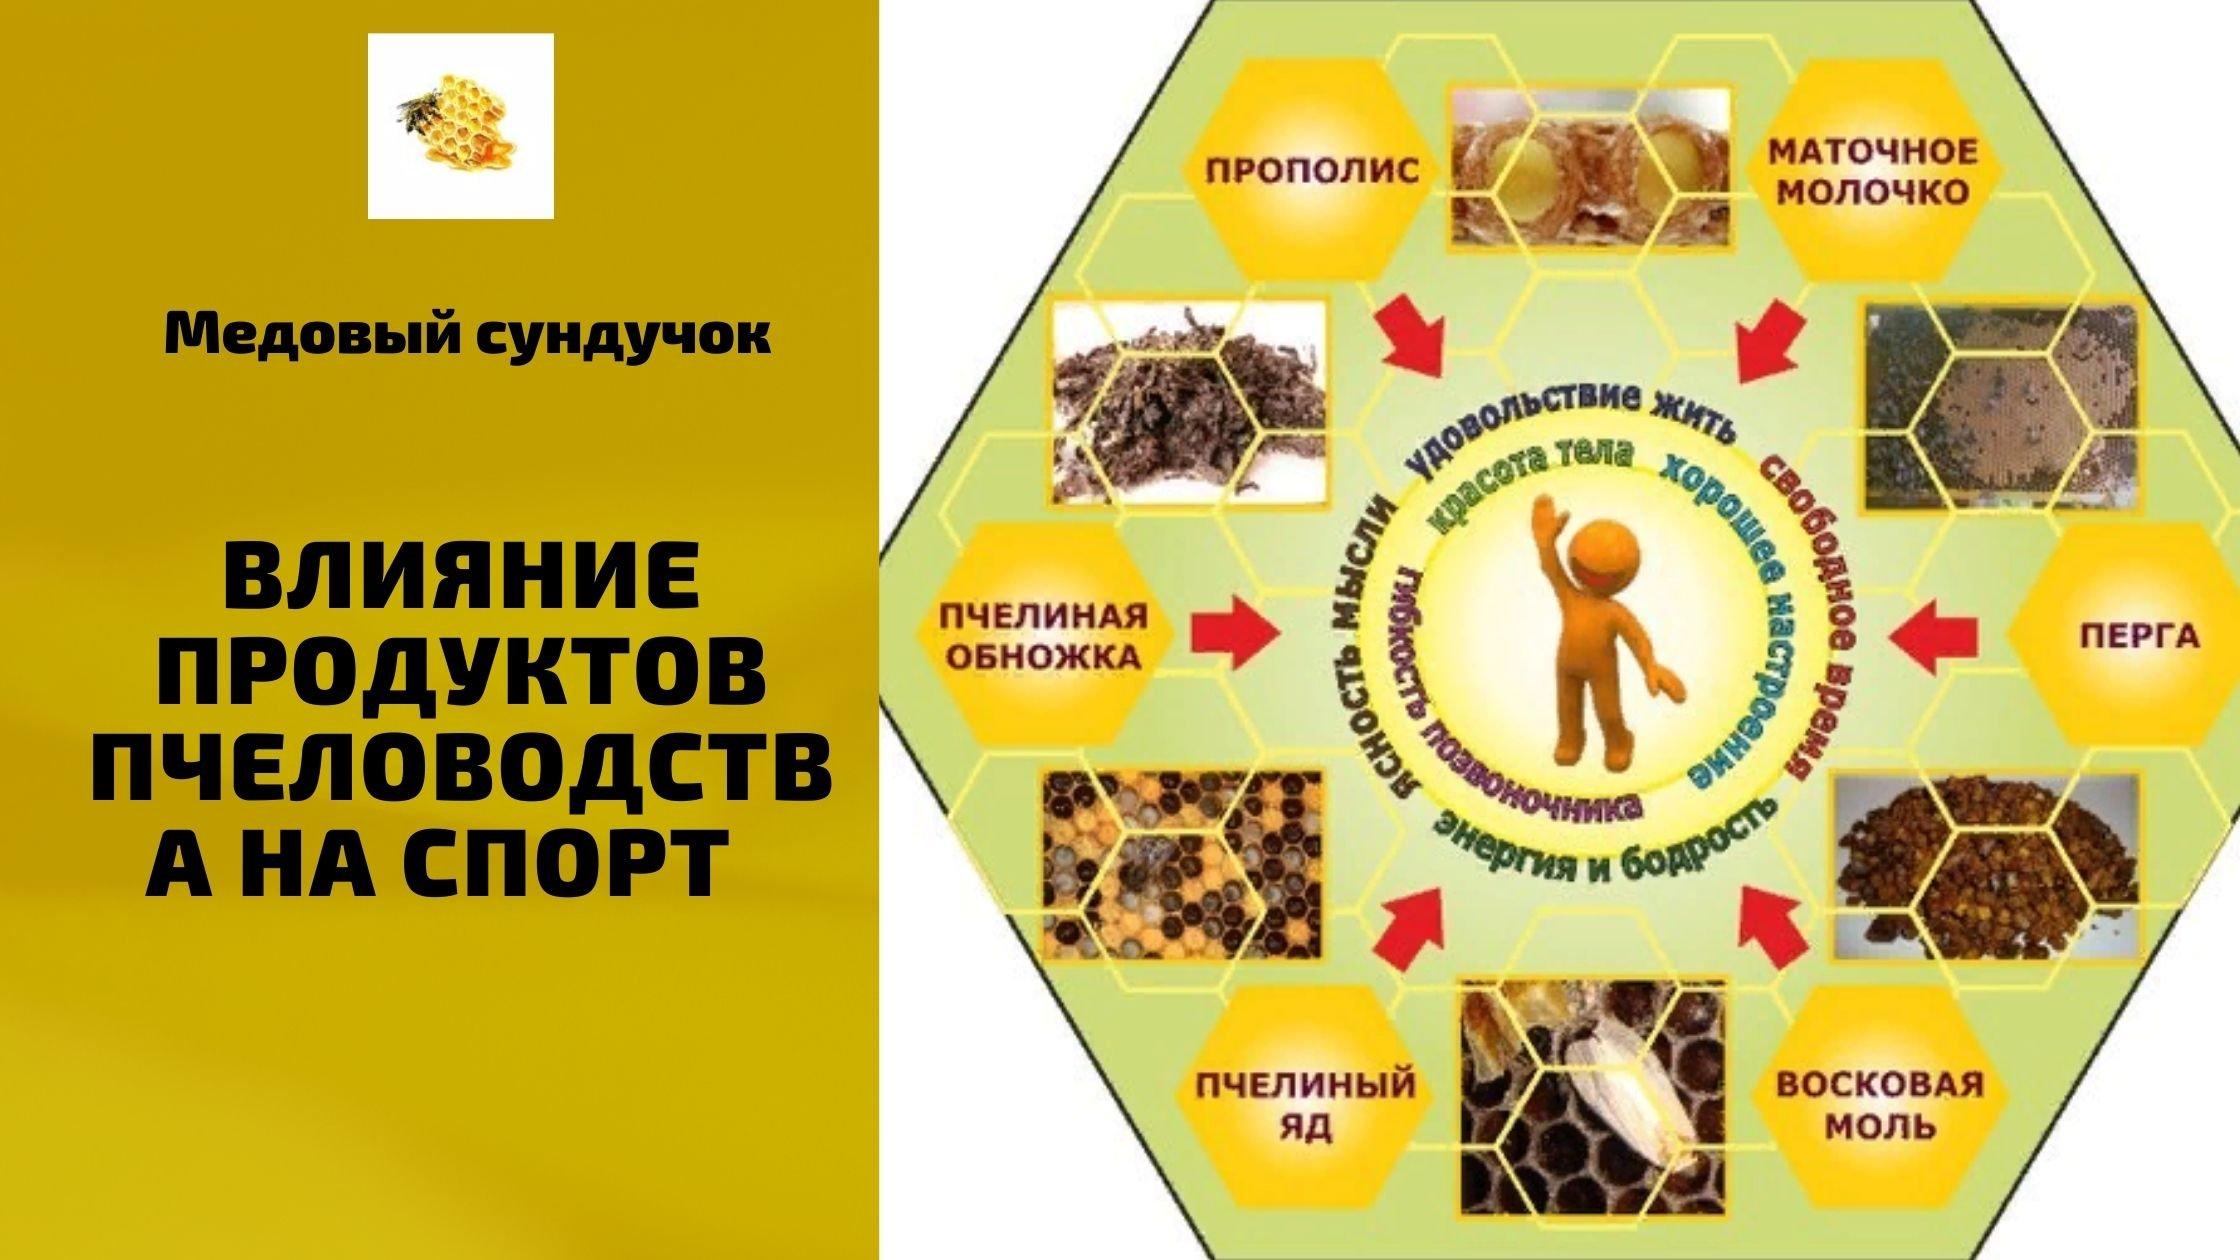 Влияние продуктов пчеловодства на спорт